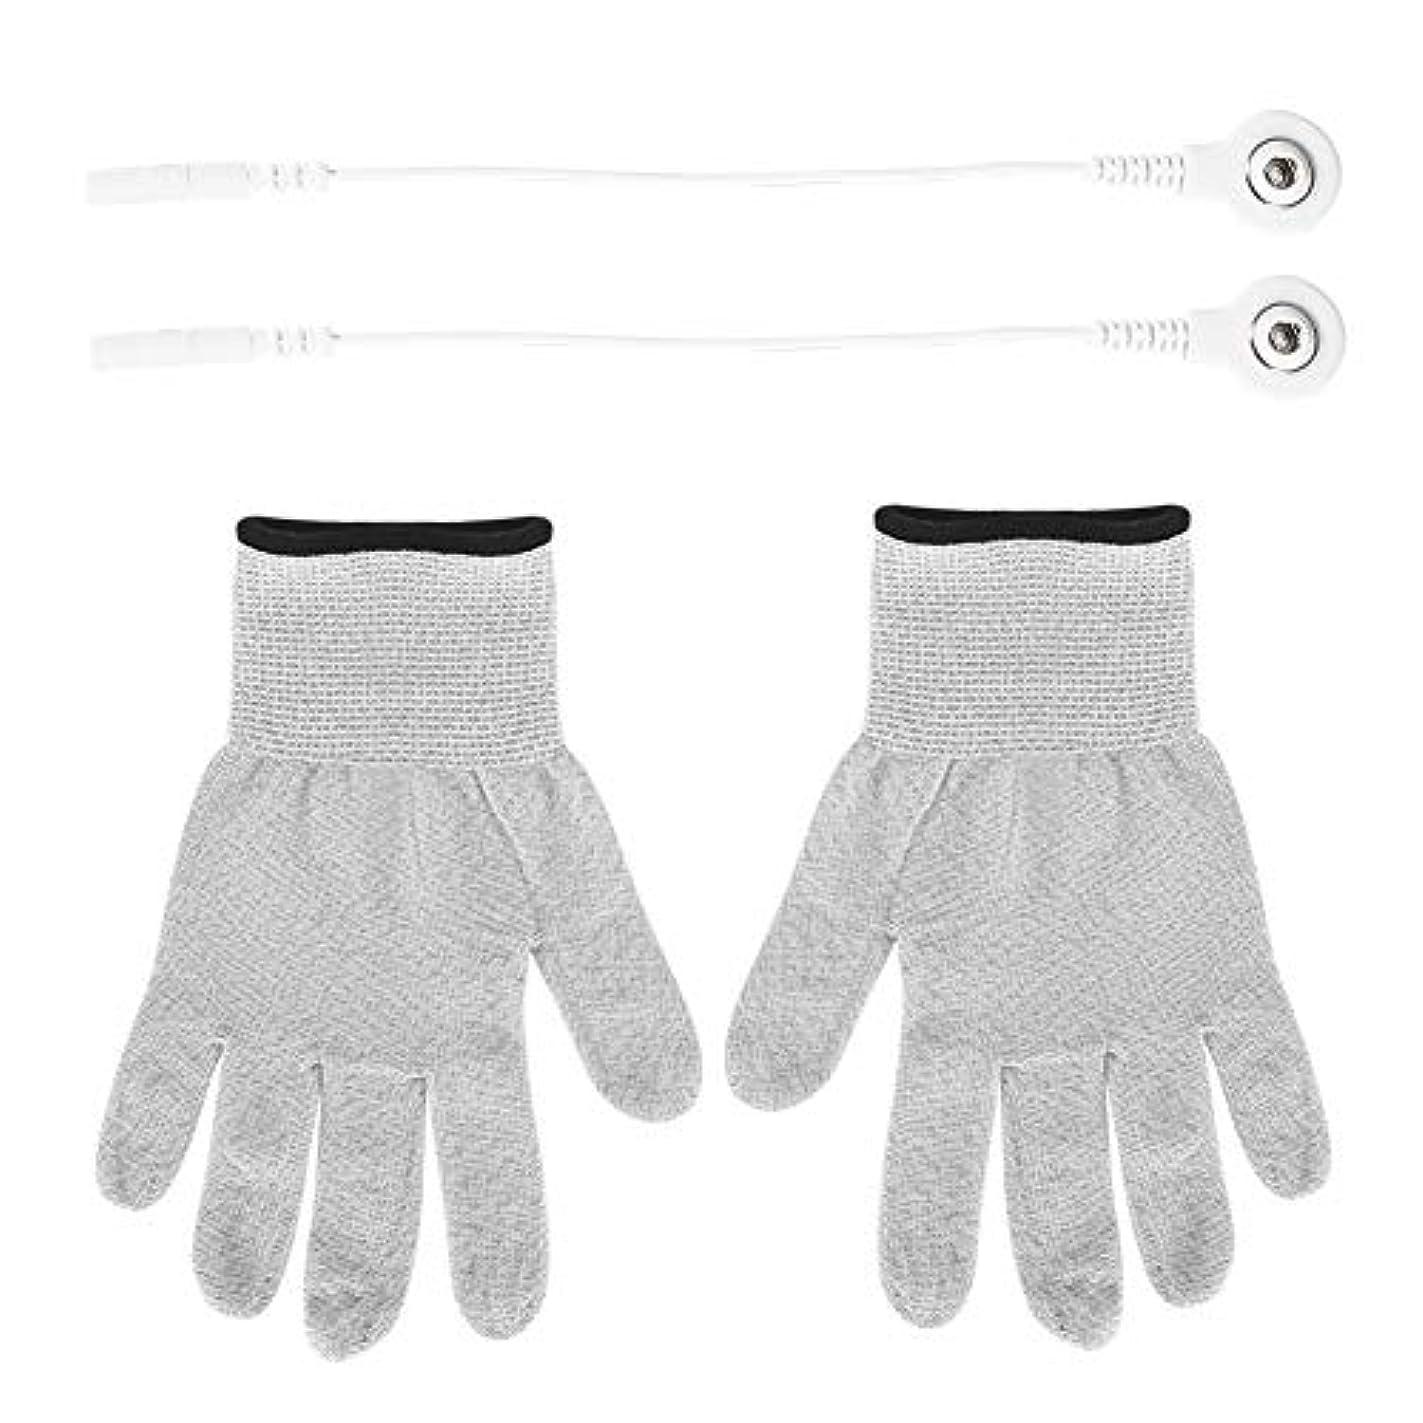 流出幼児ポット1組 電極 手袋繊維 電気衝撃療法 マッサージ 手袋電気衝撃繊維 脈拍療法 マッサージ 伝導性 手袋